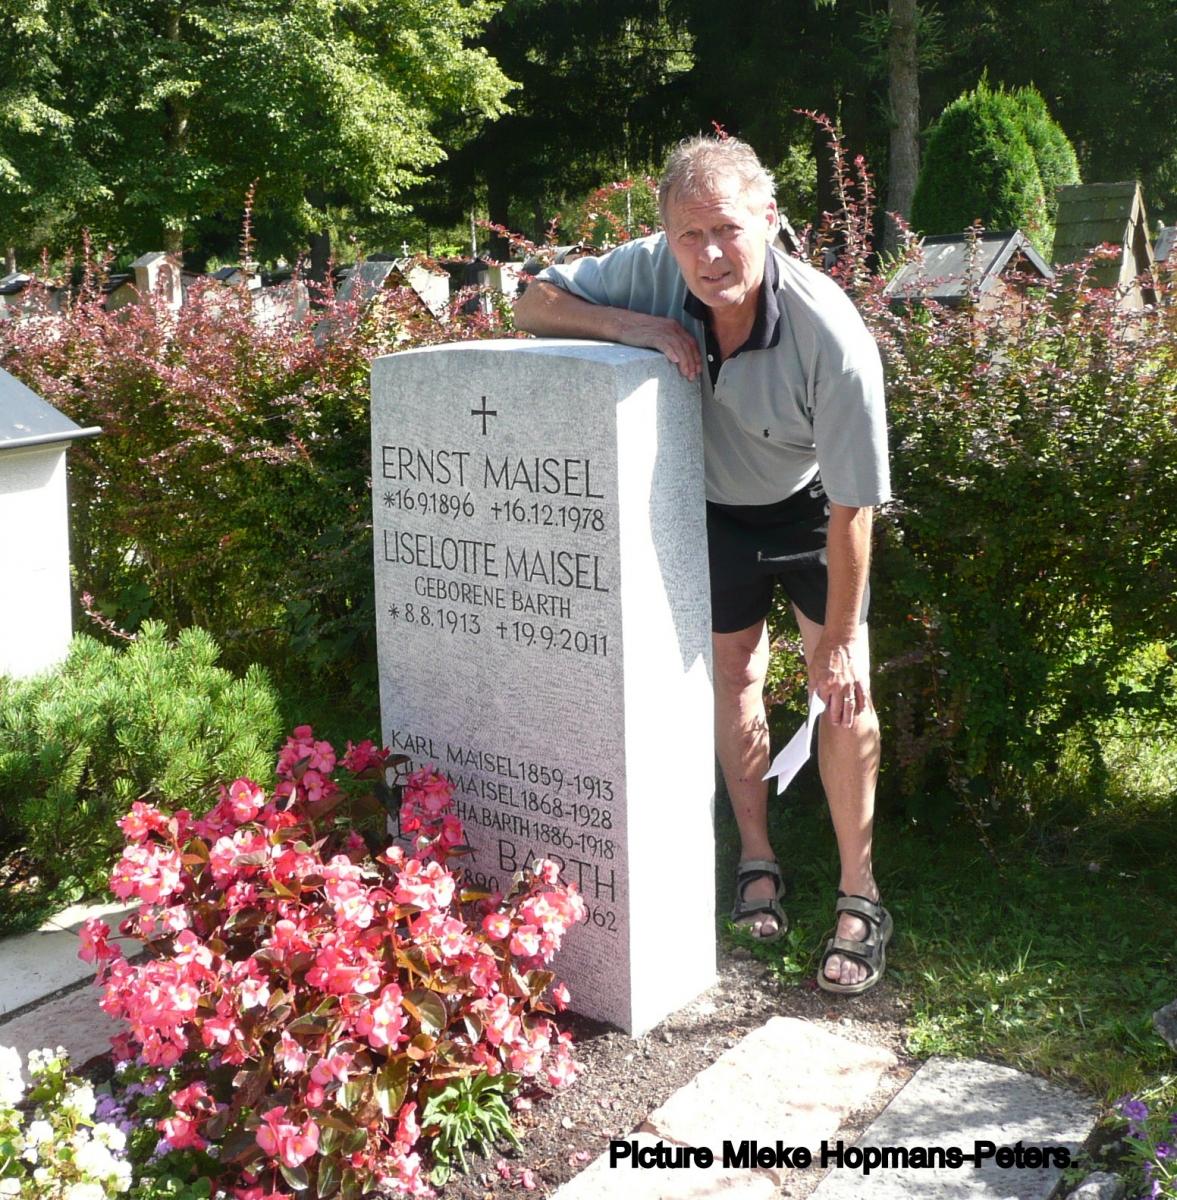 Reinhard Heydrich Funeral Maisel, Ernst - WW2 Gr...